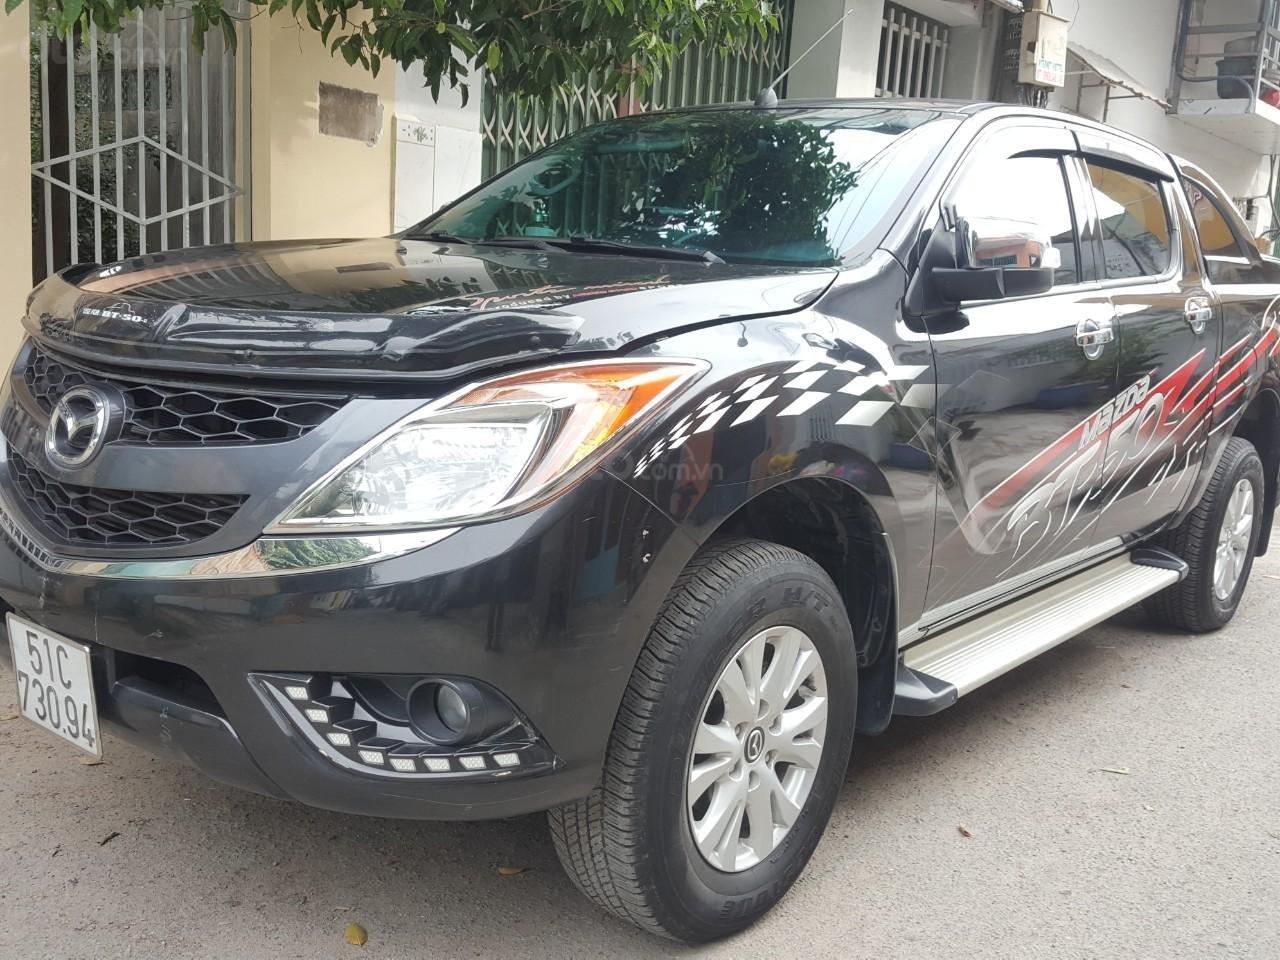 Bán tải Mazda BT50 2.2AT máy dầu, số tự động 1 cầu, màu đen, nhập Thái 2015, biển Sài Gòn (3)